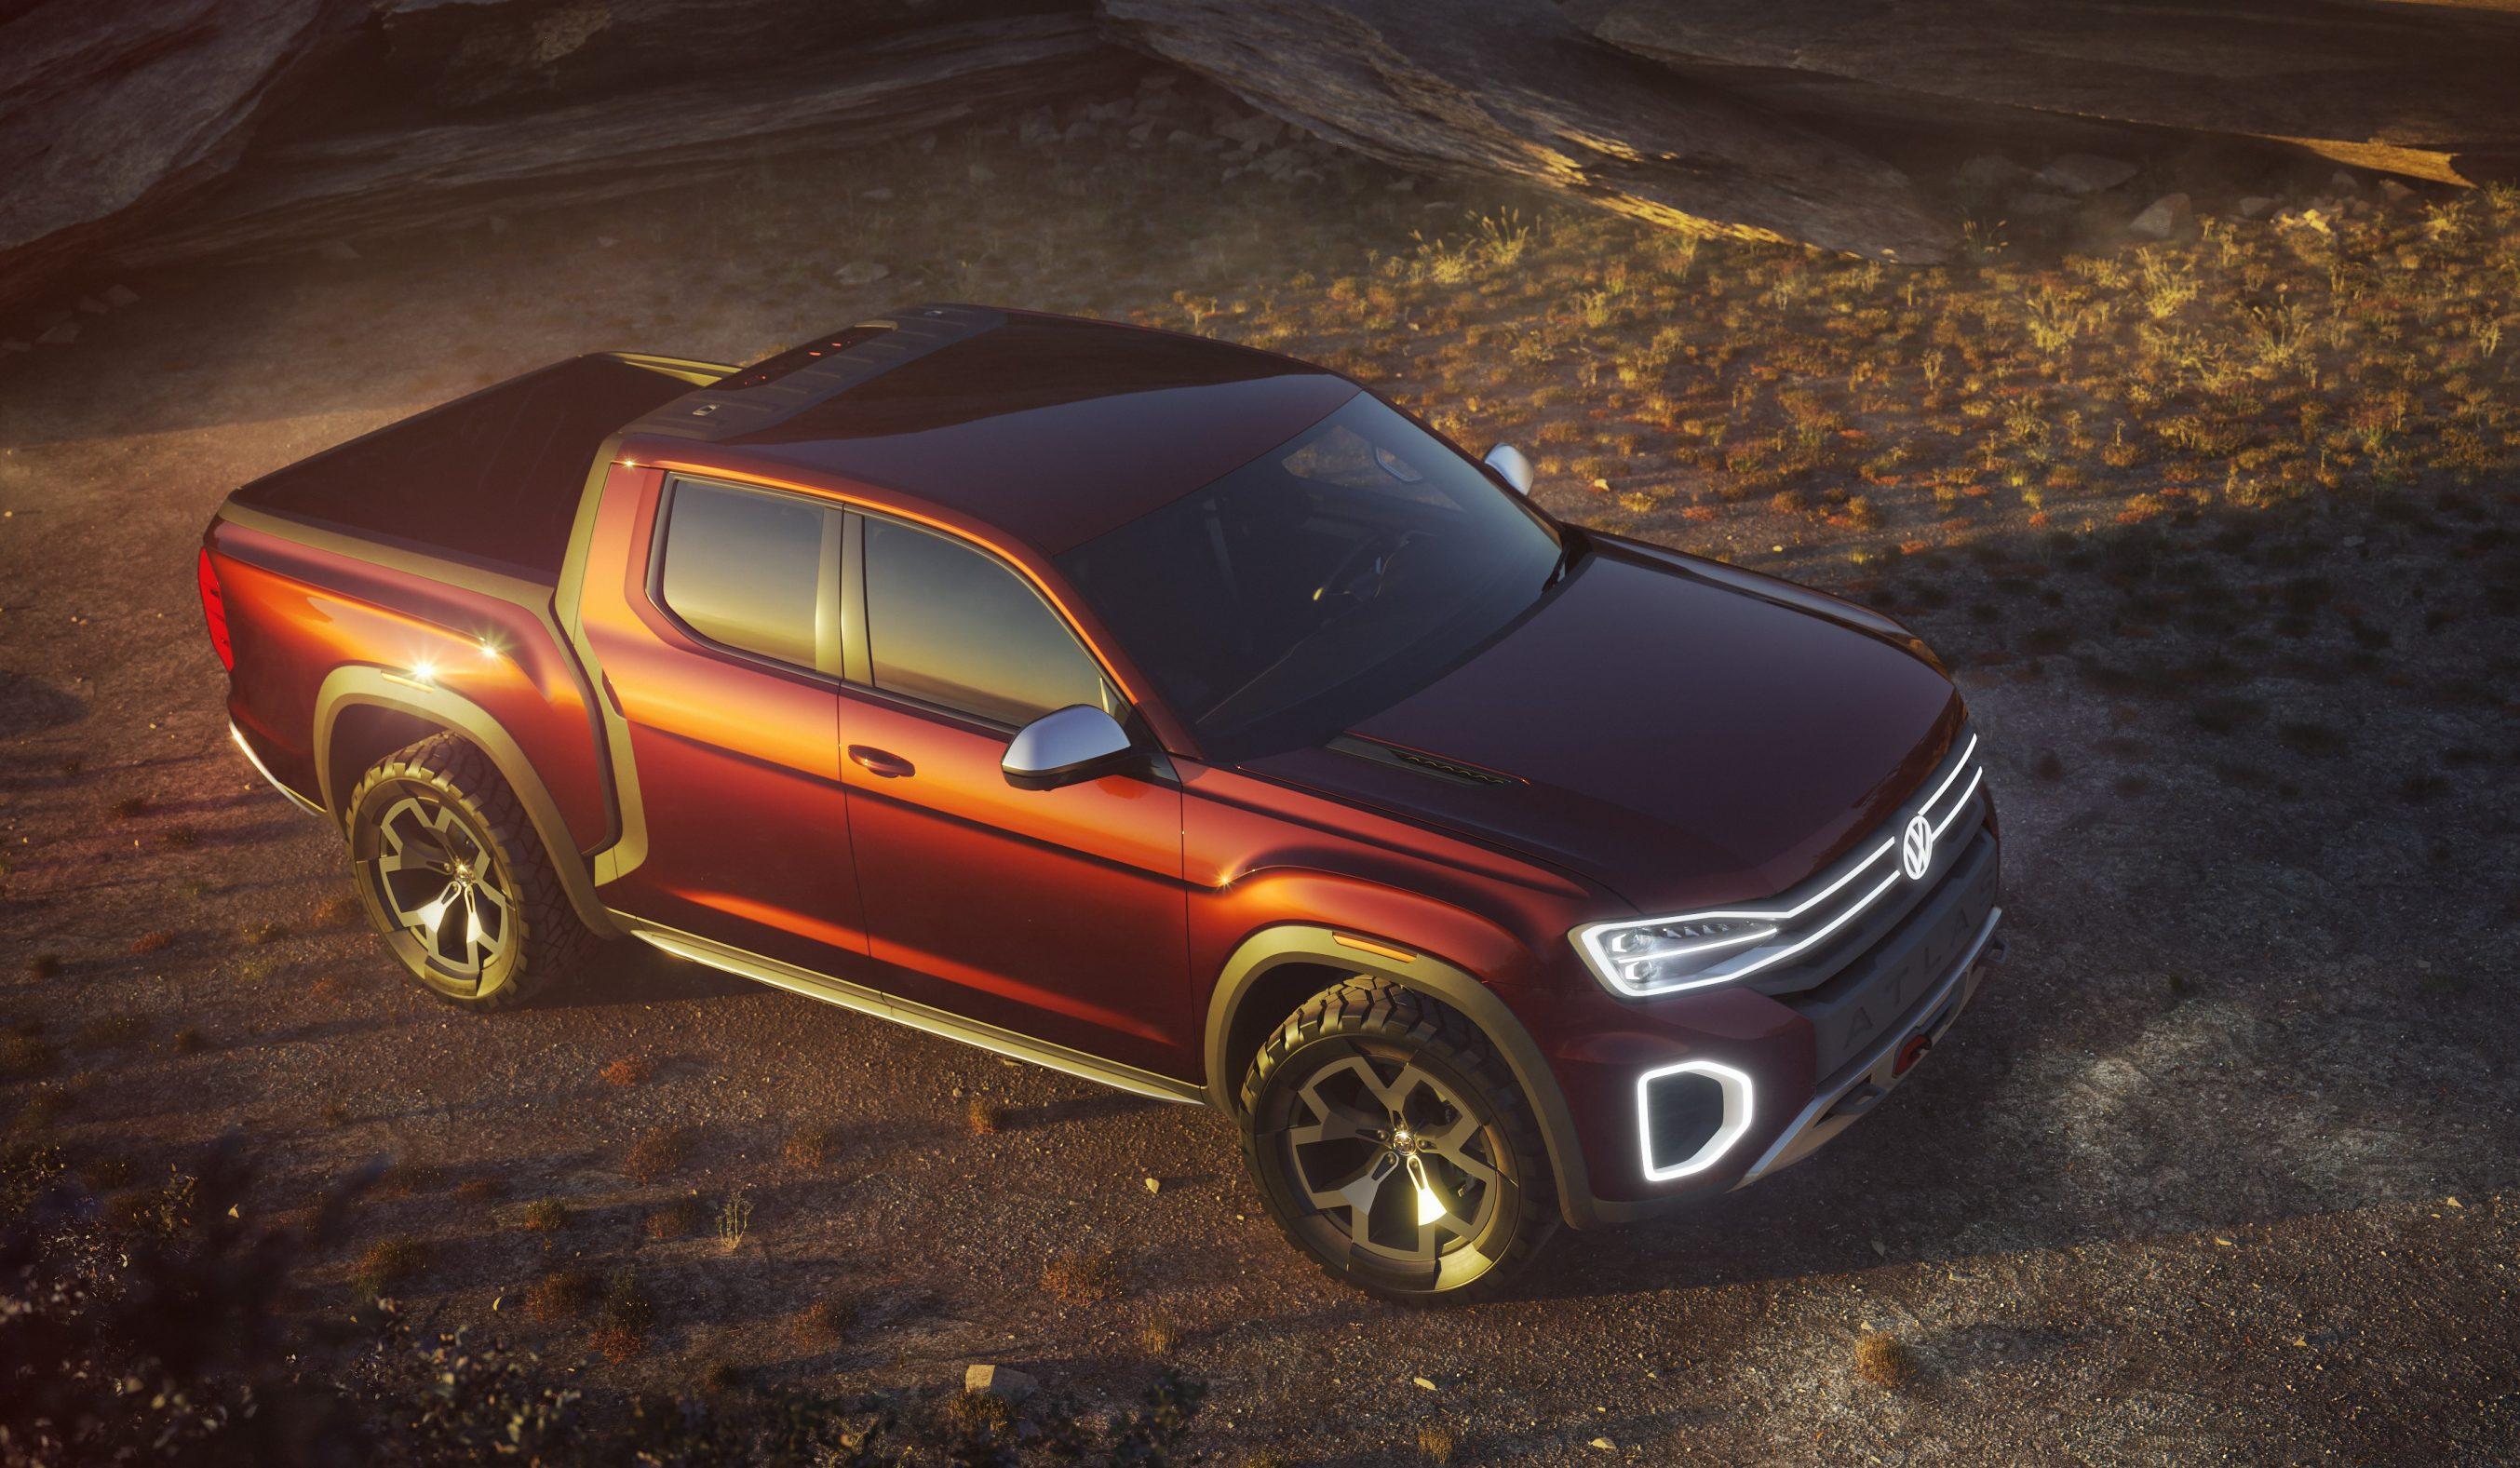 Это может быть больше, чем американское энтузиазм, чтобы сделать этот грузовик Volkswagen реальностью